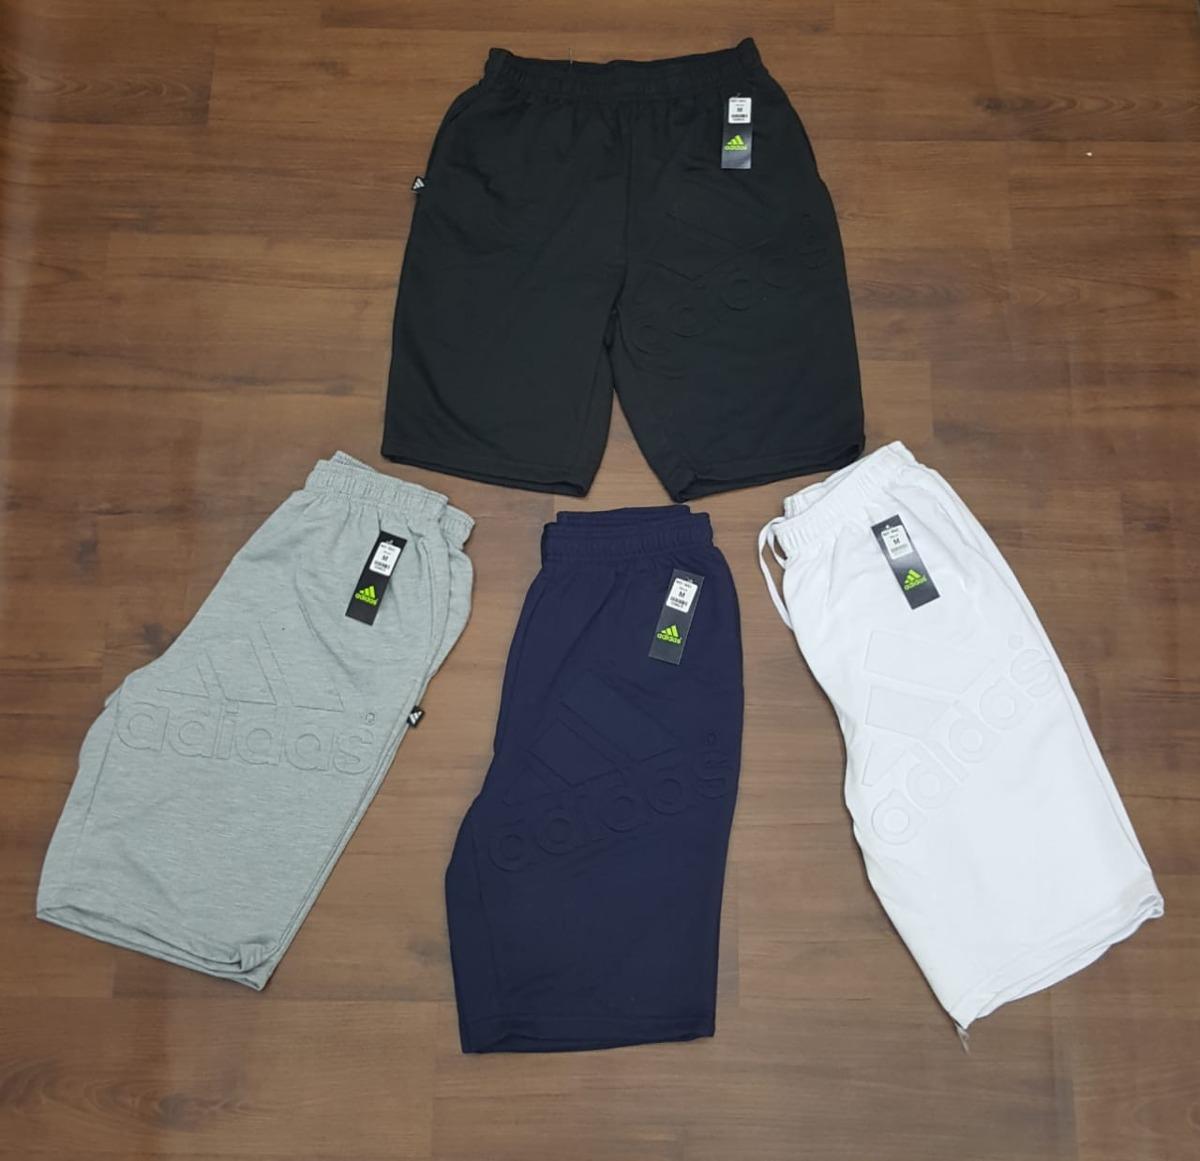 04bca24a38640 Pantaloneta adidas Para Hombre -   58.000 en Mercado Libre